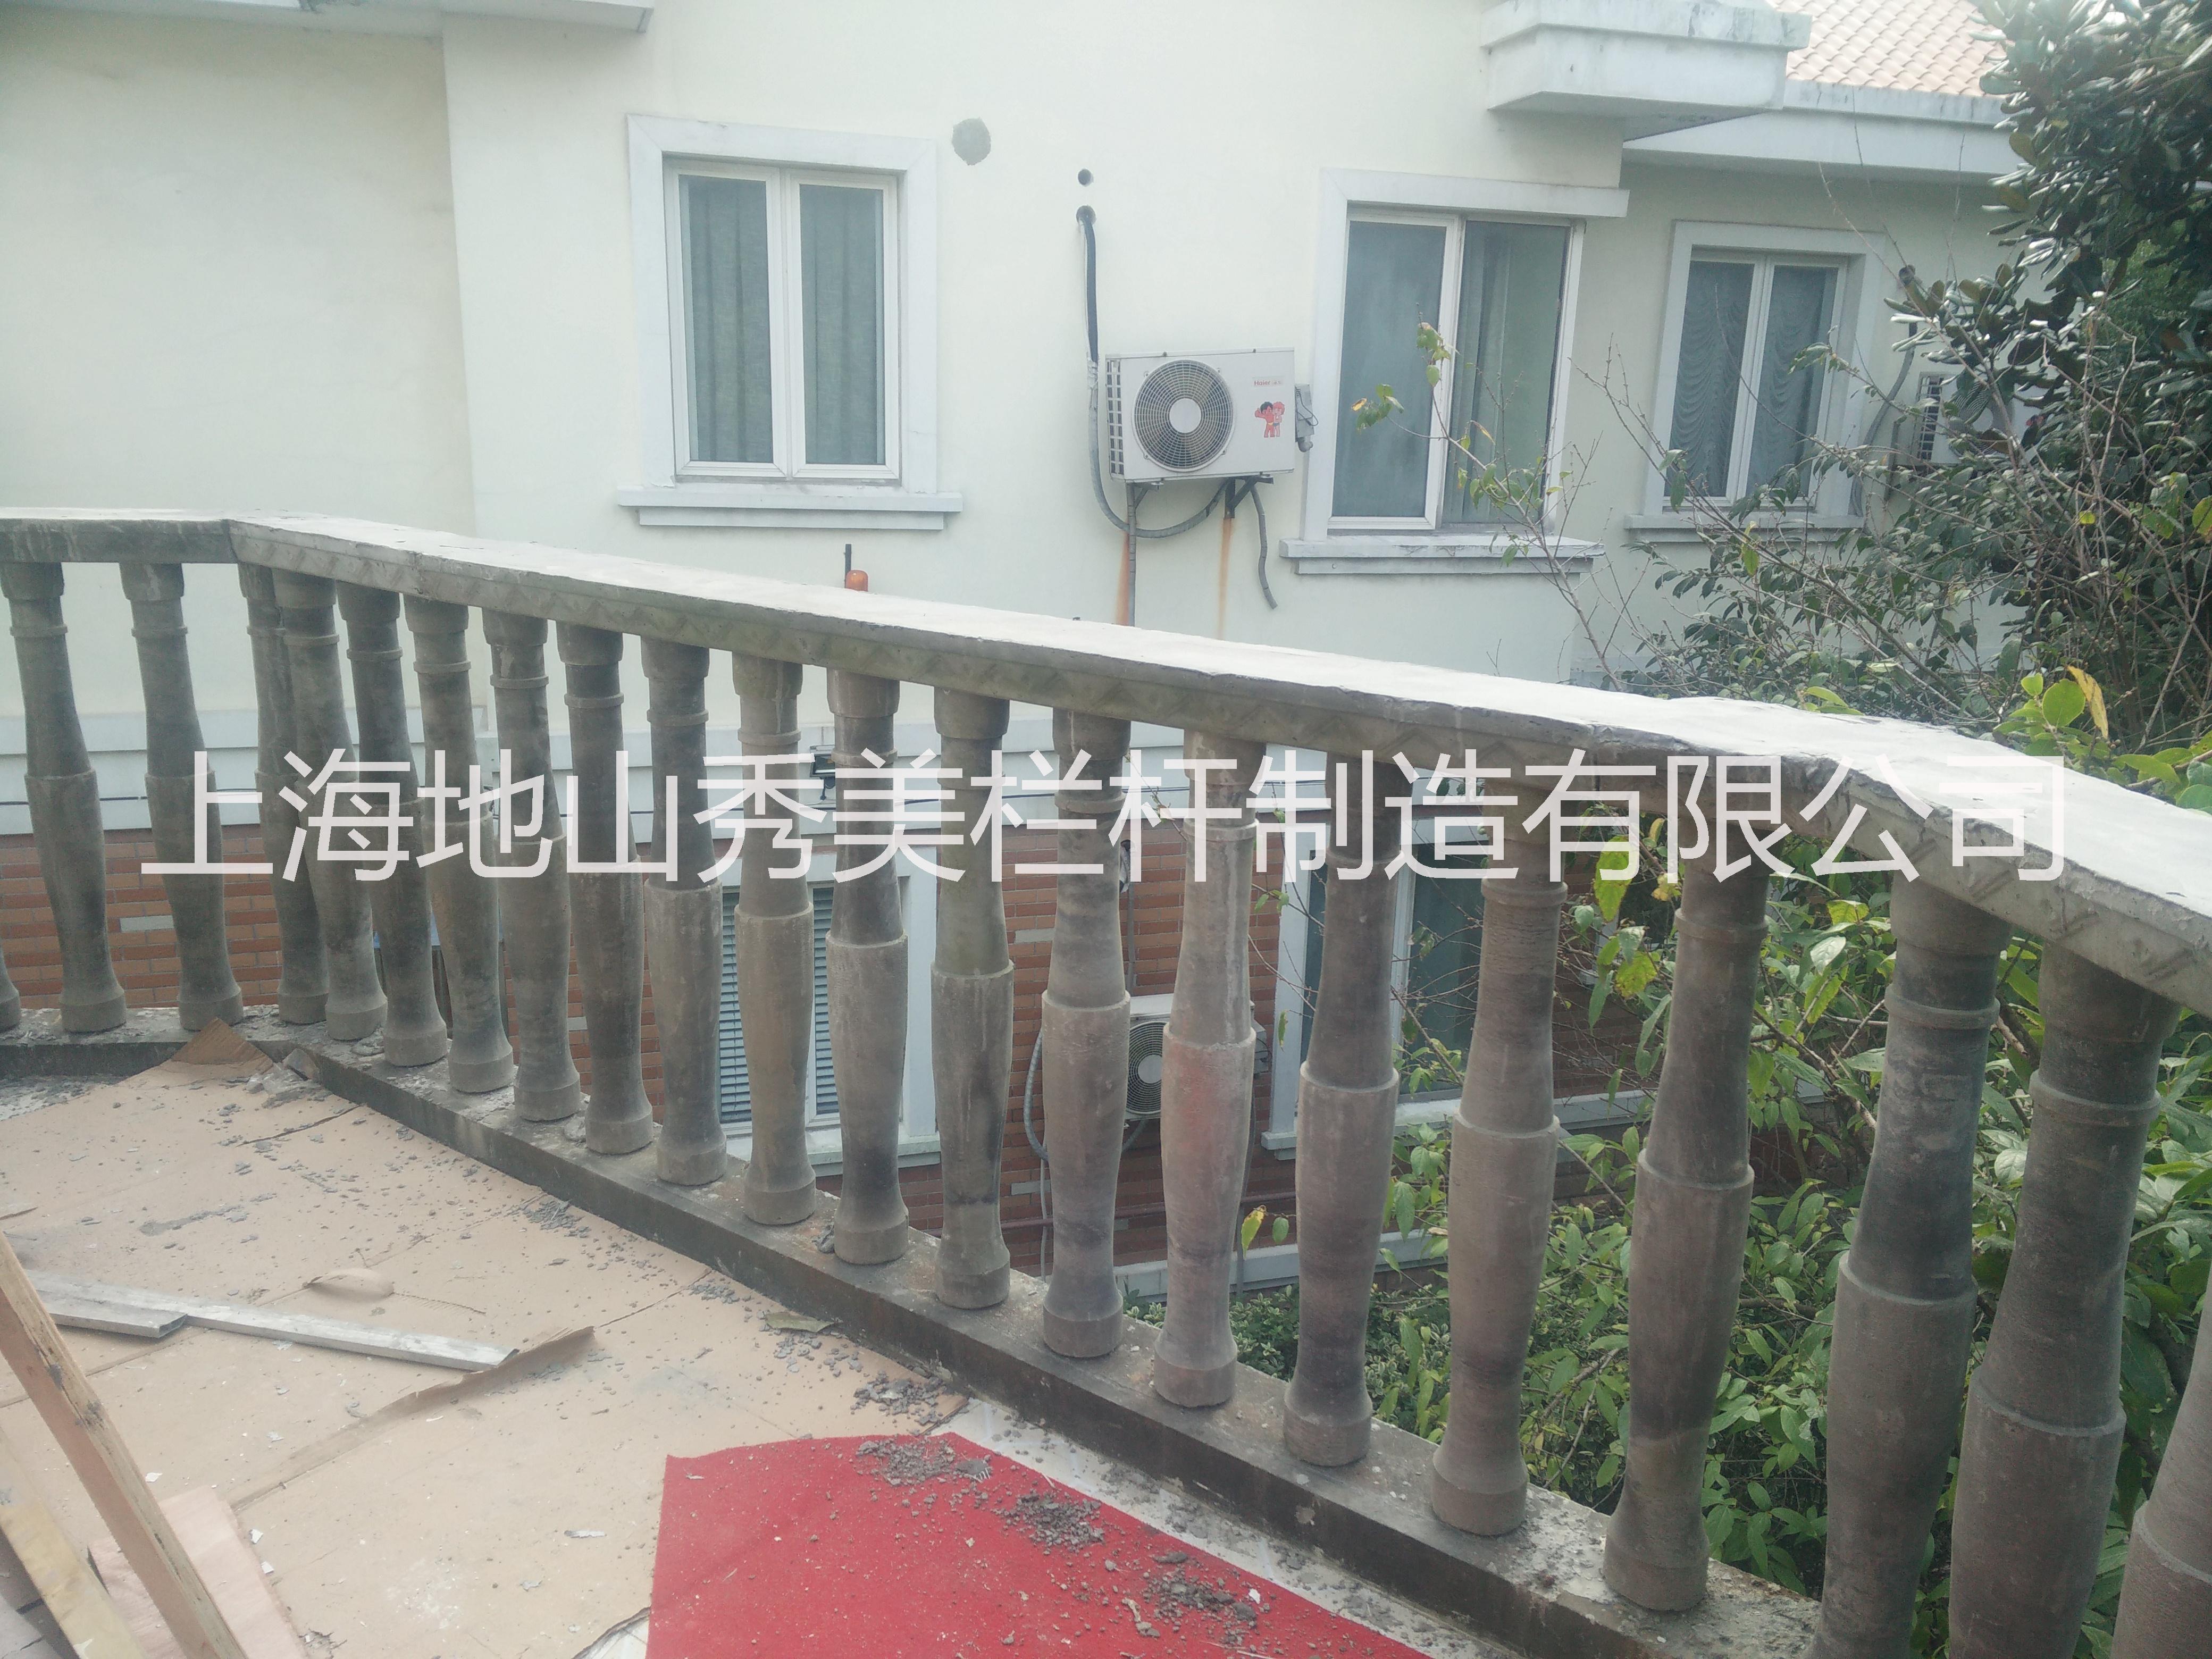 水泥花瓶栏杆,上海水泥花瓶栏杆施工工程